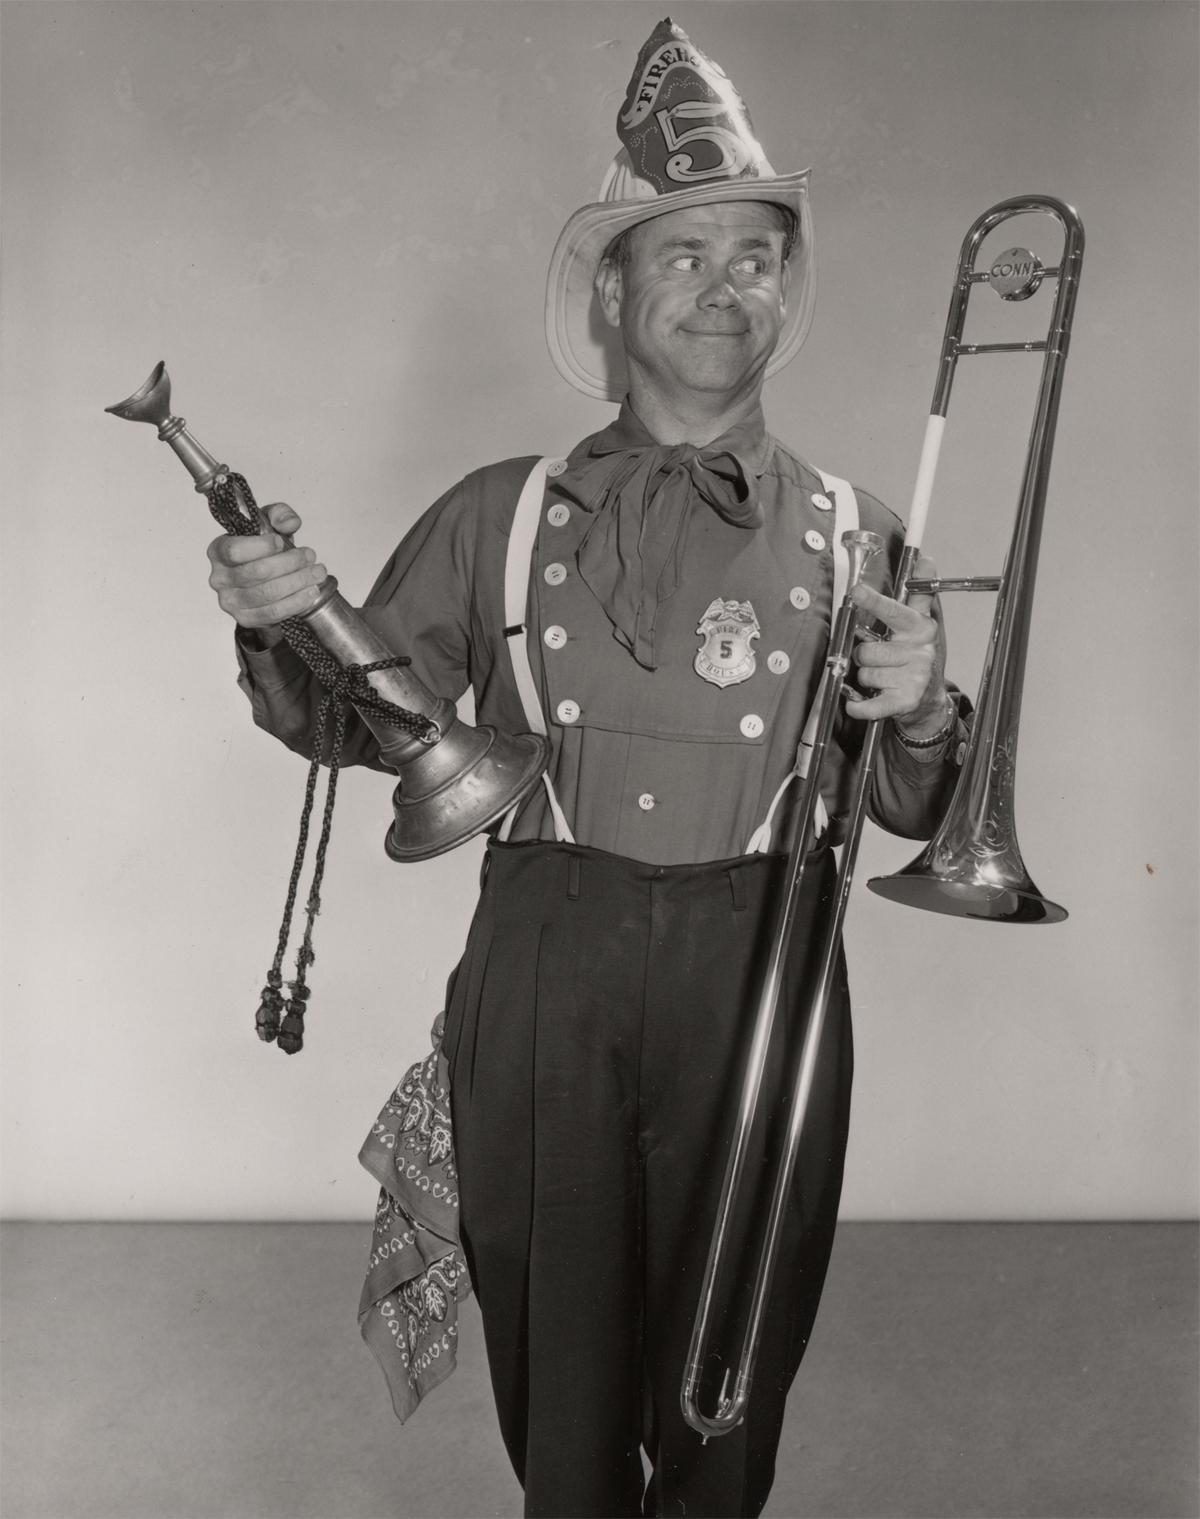 Ward Walrath Kimball Fue Un Musico Estadounidense Que Nacio El 4 De Marzo De 1914 Tocaba El Trombon Y Fue Miembro Fundador D Jazz Art Kimball Character Design